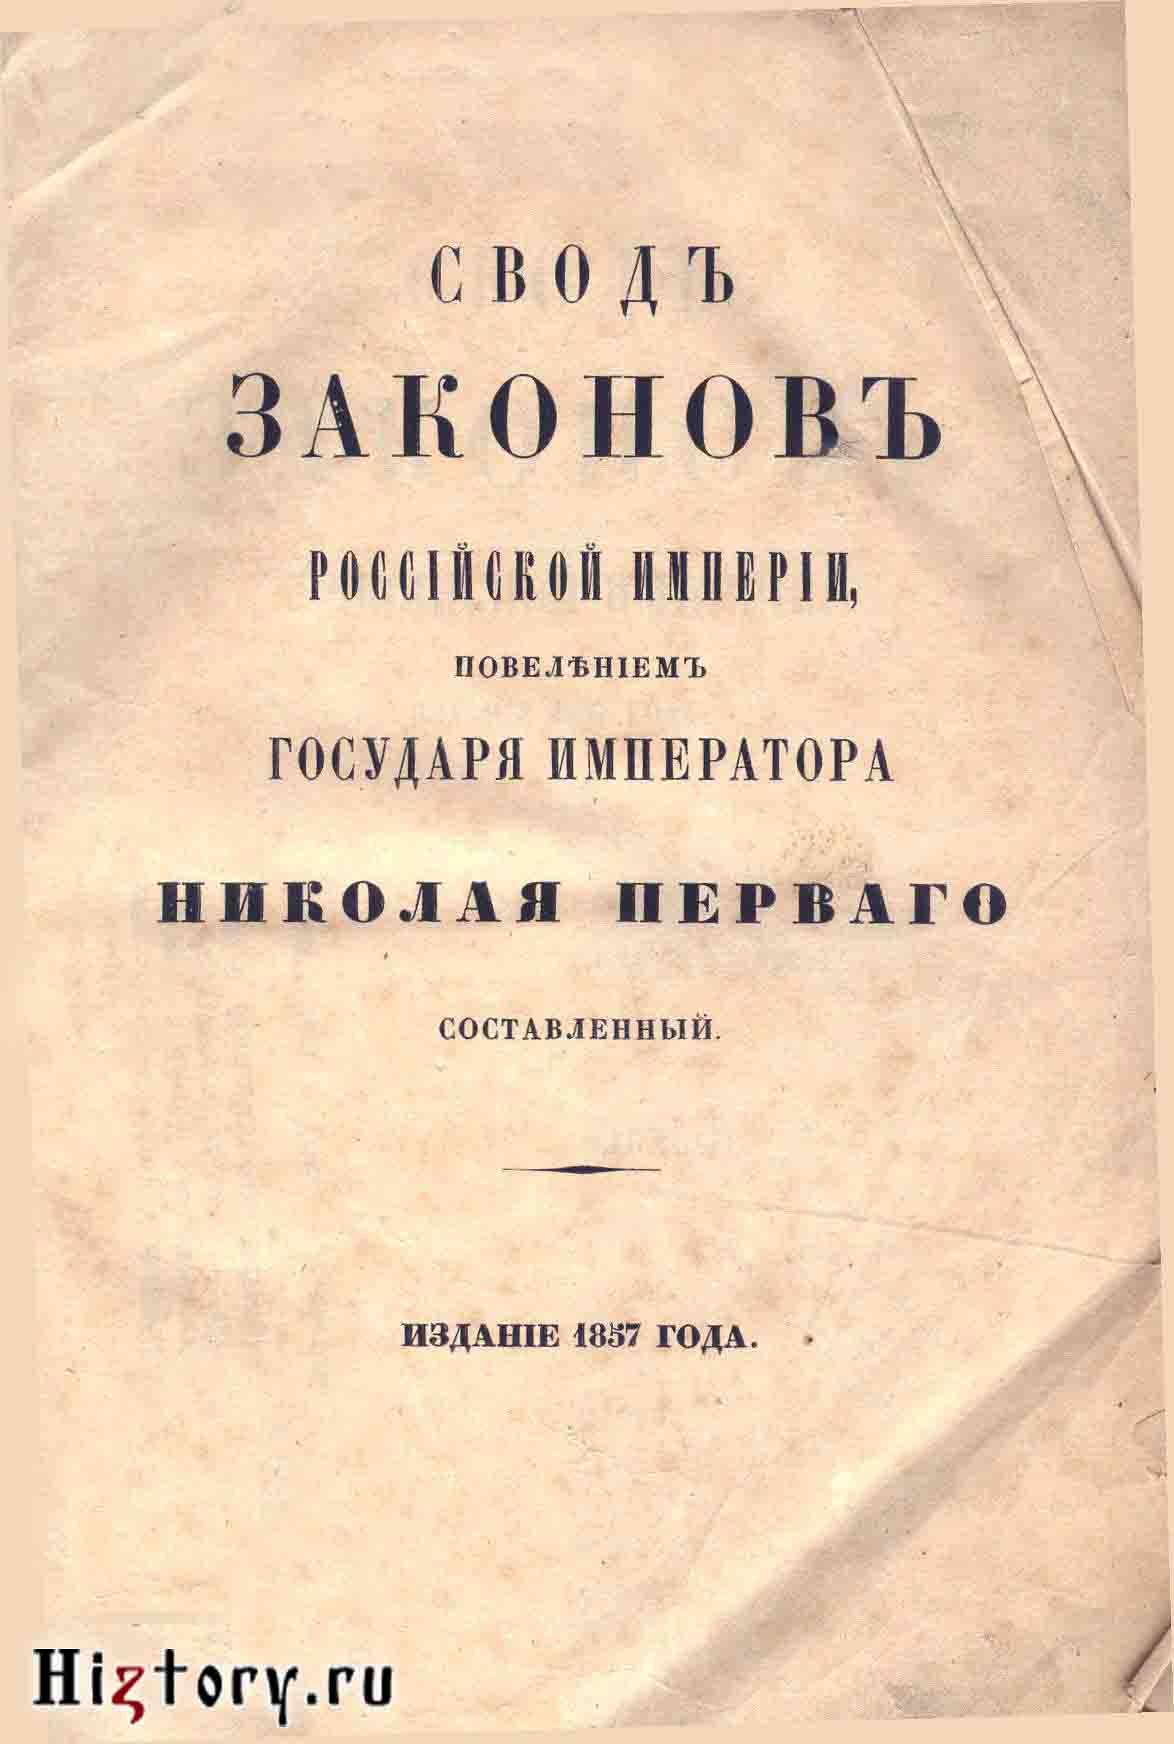 иронии семейное право свод законов российской империи был мир